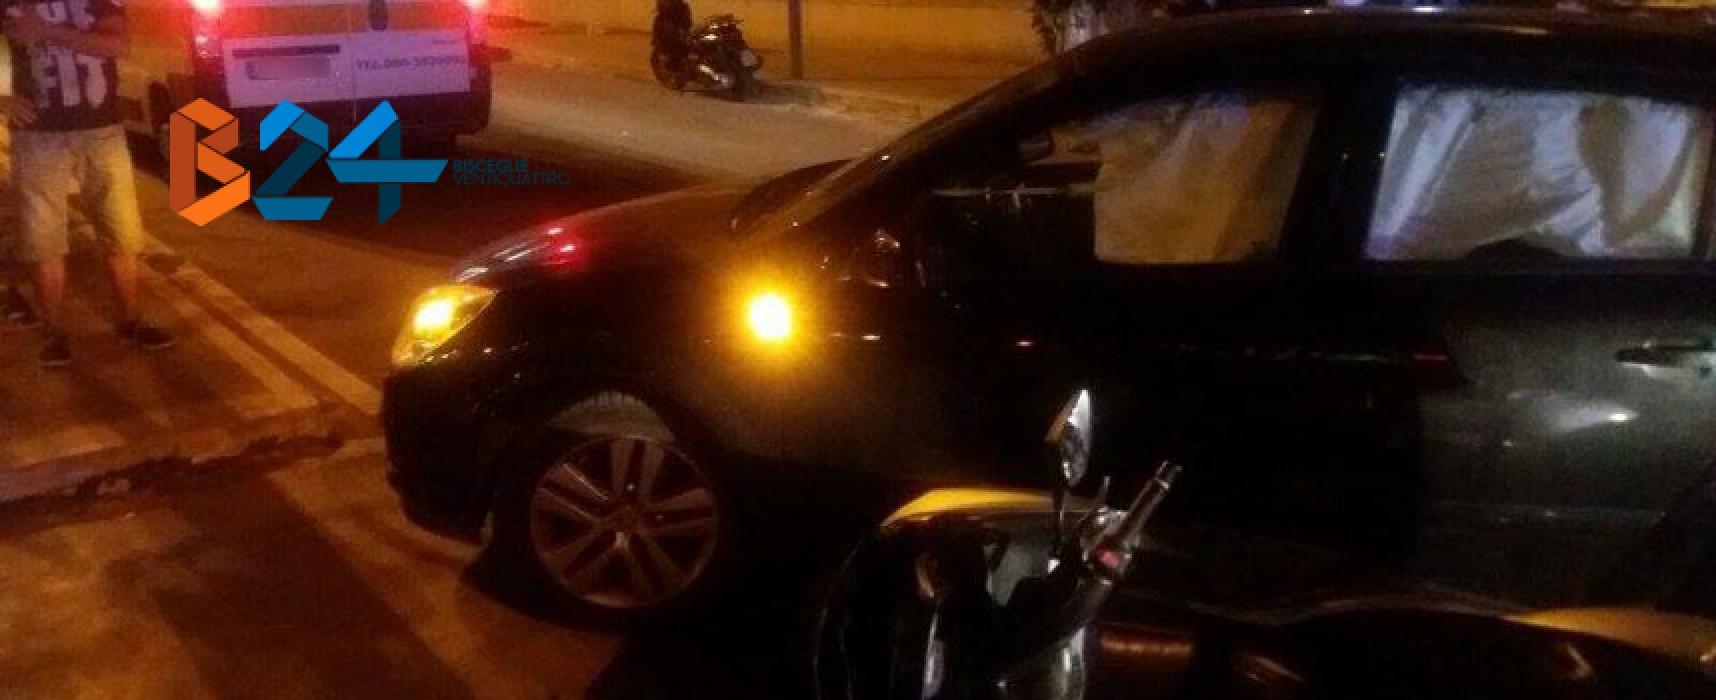 Scontro auto-moto in via san Martino, due ragazzi al pronto soccorso